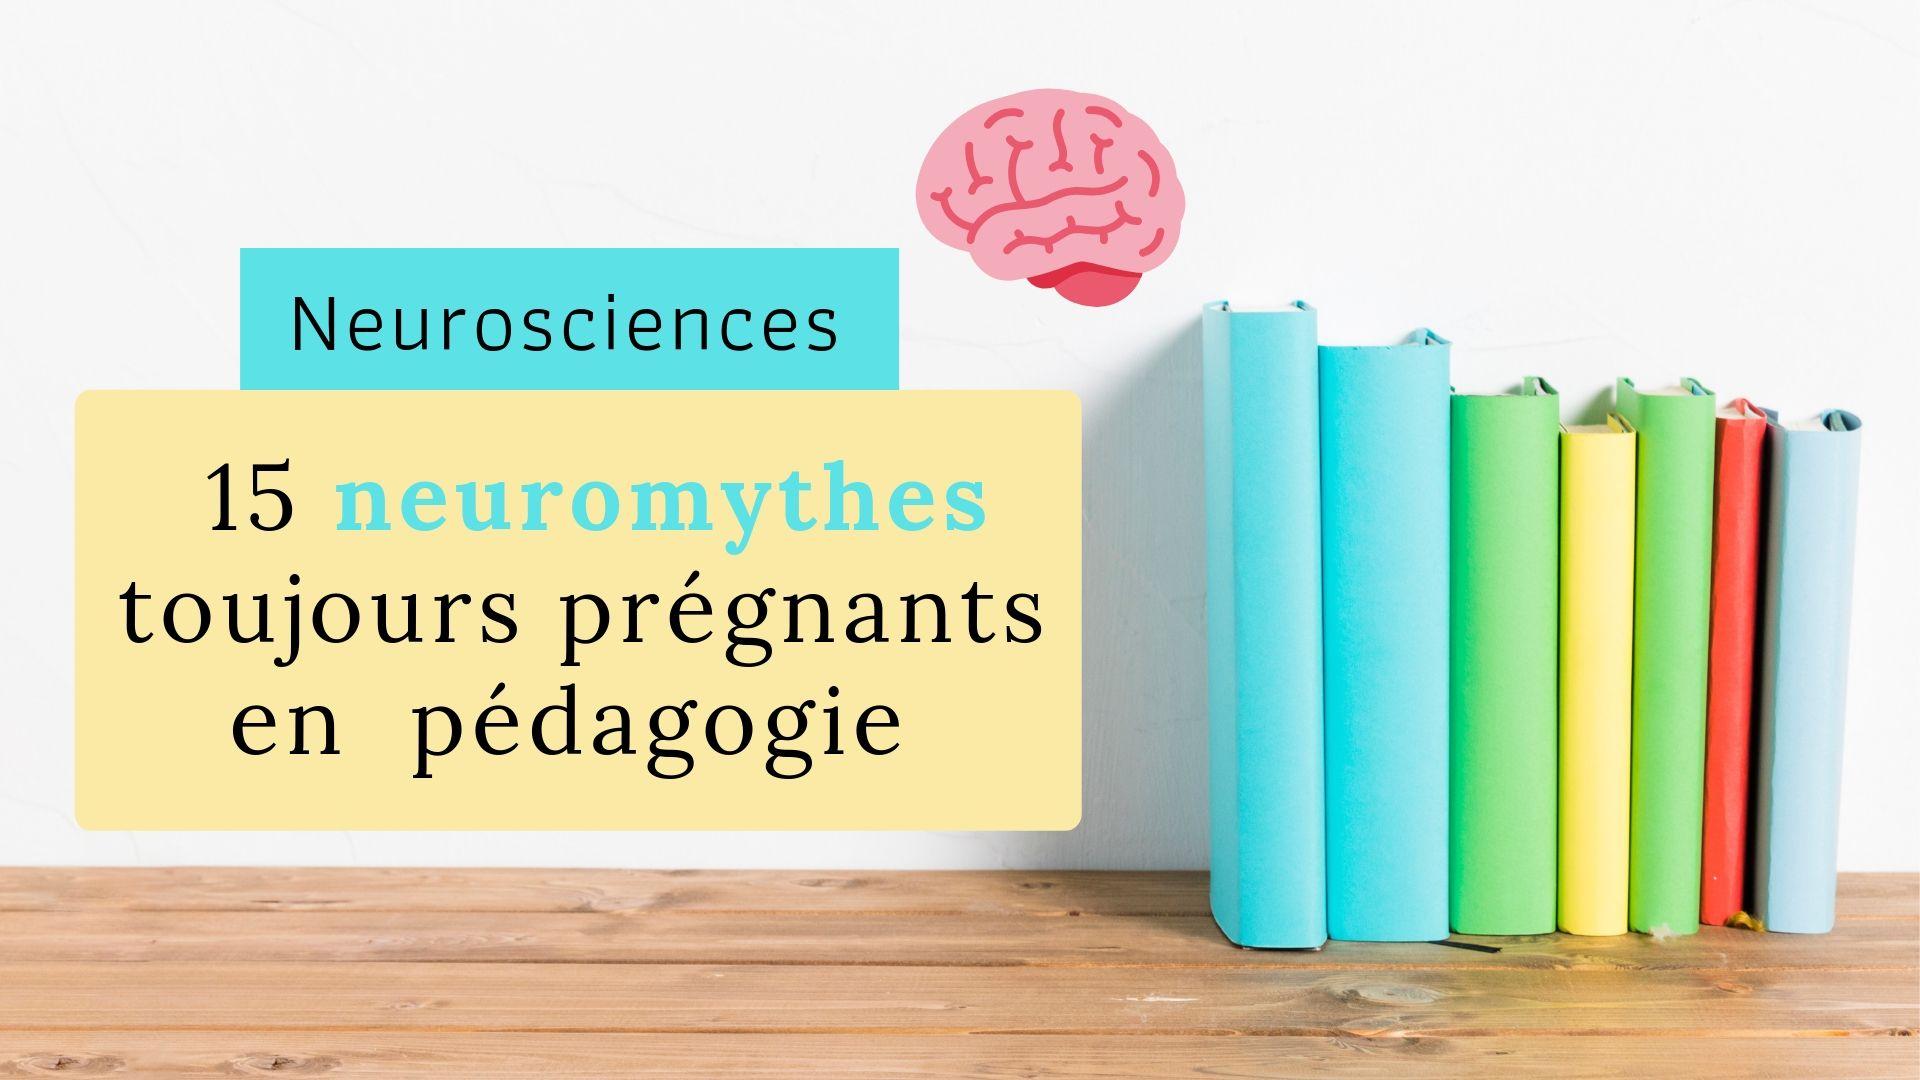 Neurosciences : 15 neuromythes toujours prégnants en pédagogie